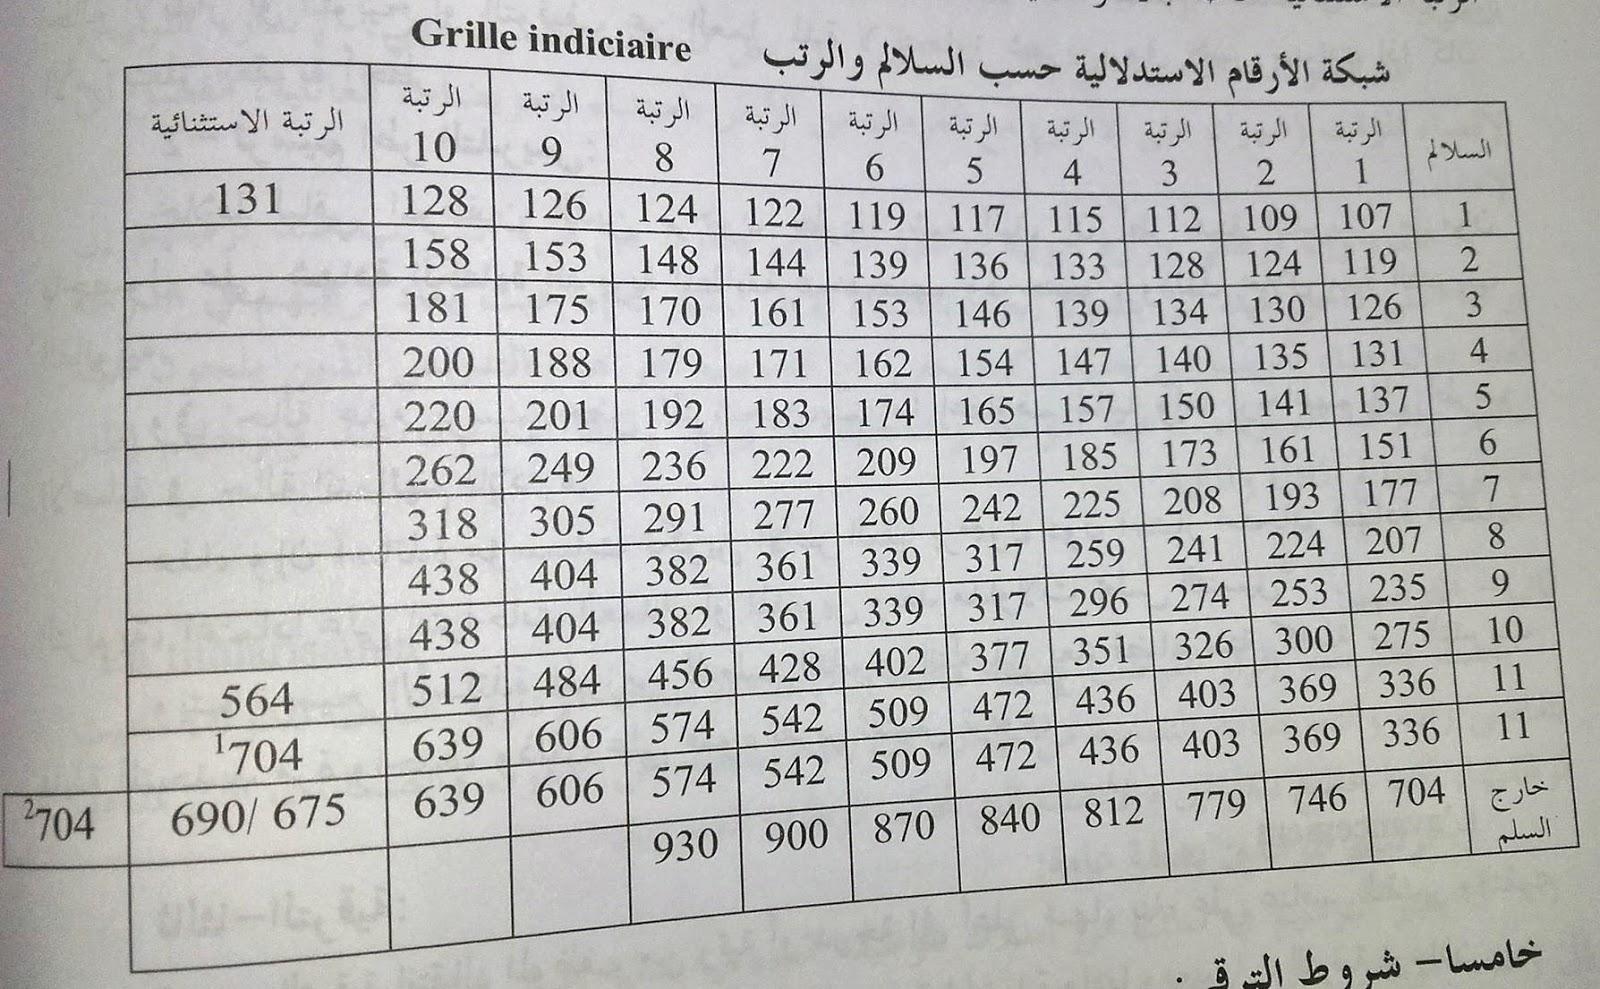 شبكة الأرقام الاستدلالية حسب السلالم والرتب